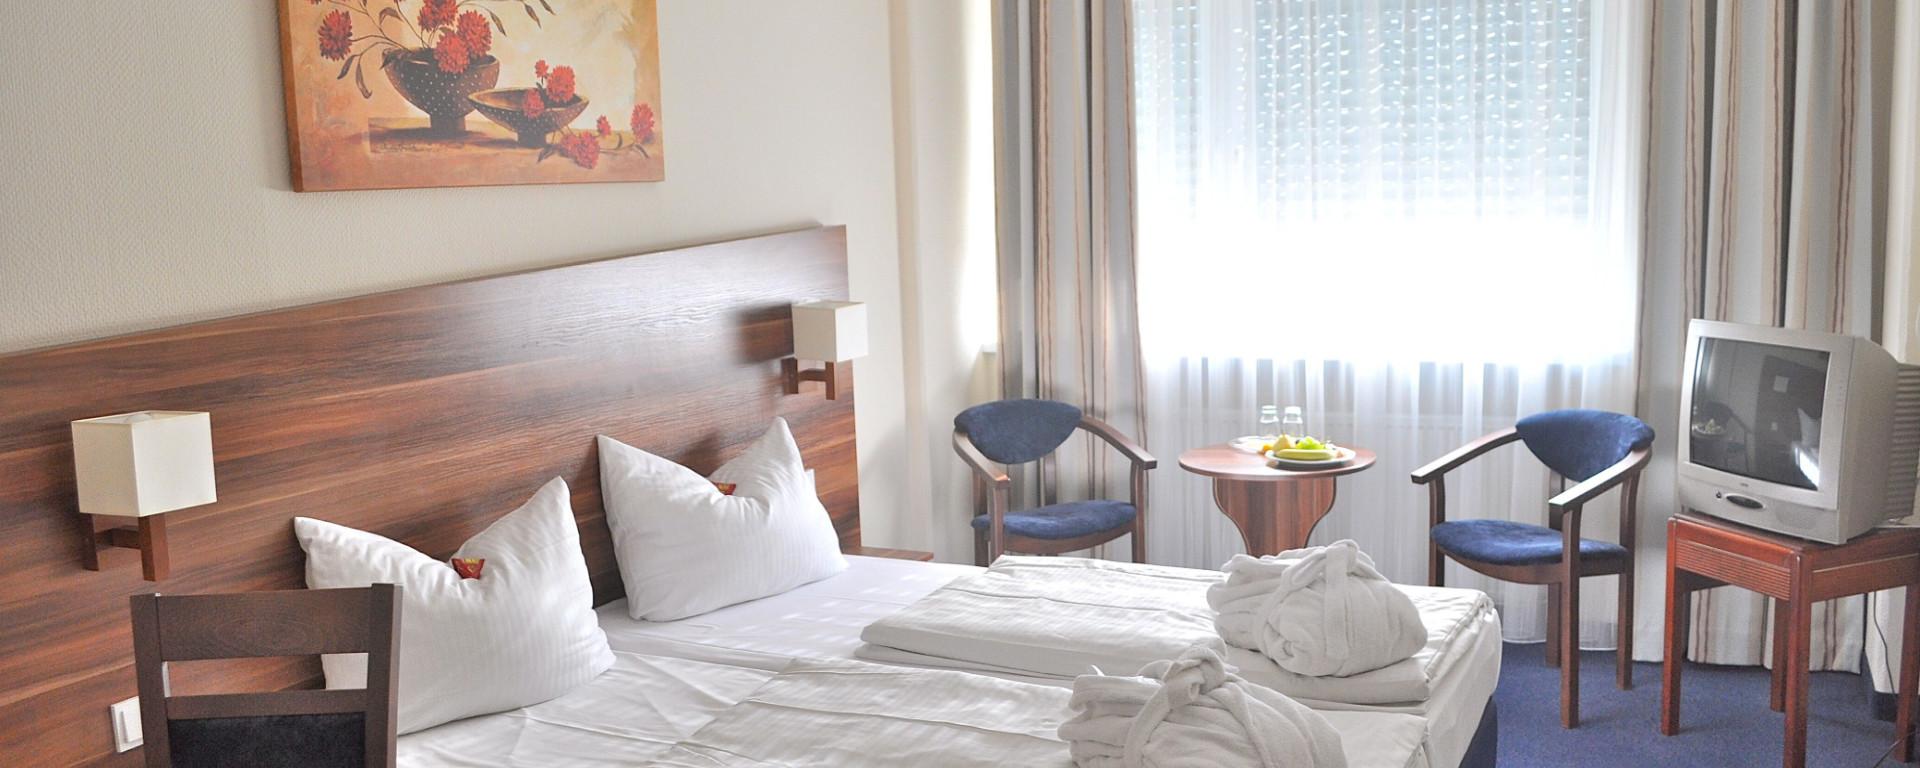 Hotel buchen - direkt und zum Bestpreis! Hotel SAVOY - Zimmer, Übernachtung, Unterkunft, Kurzurlaub, in Frankfurt am Main